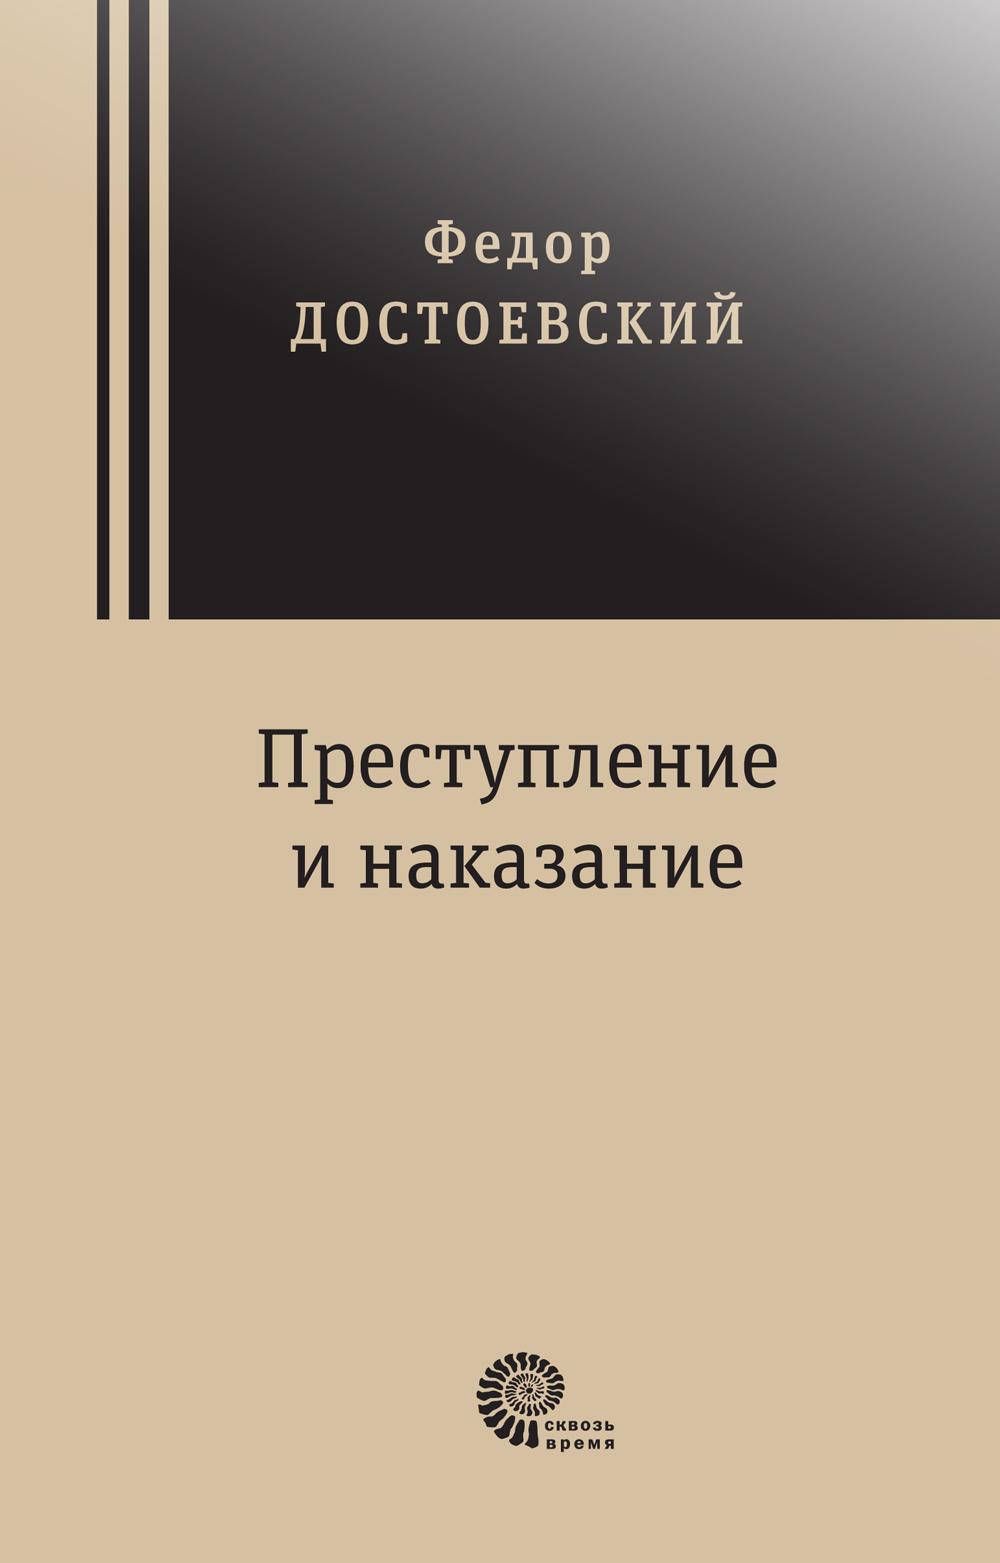 Купить Преступление и наказание, Федор Достоевский, 978-5-00112-032-2